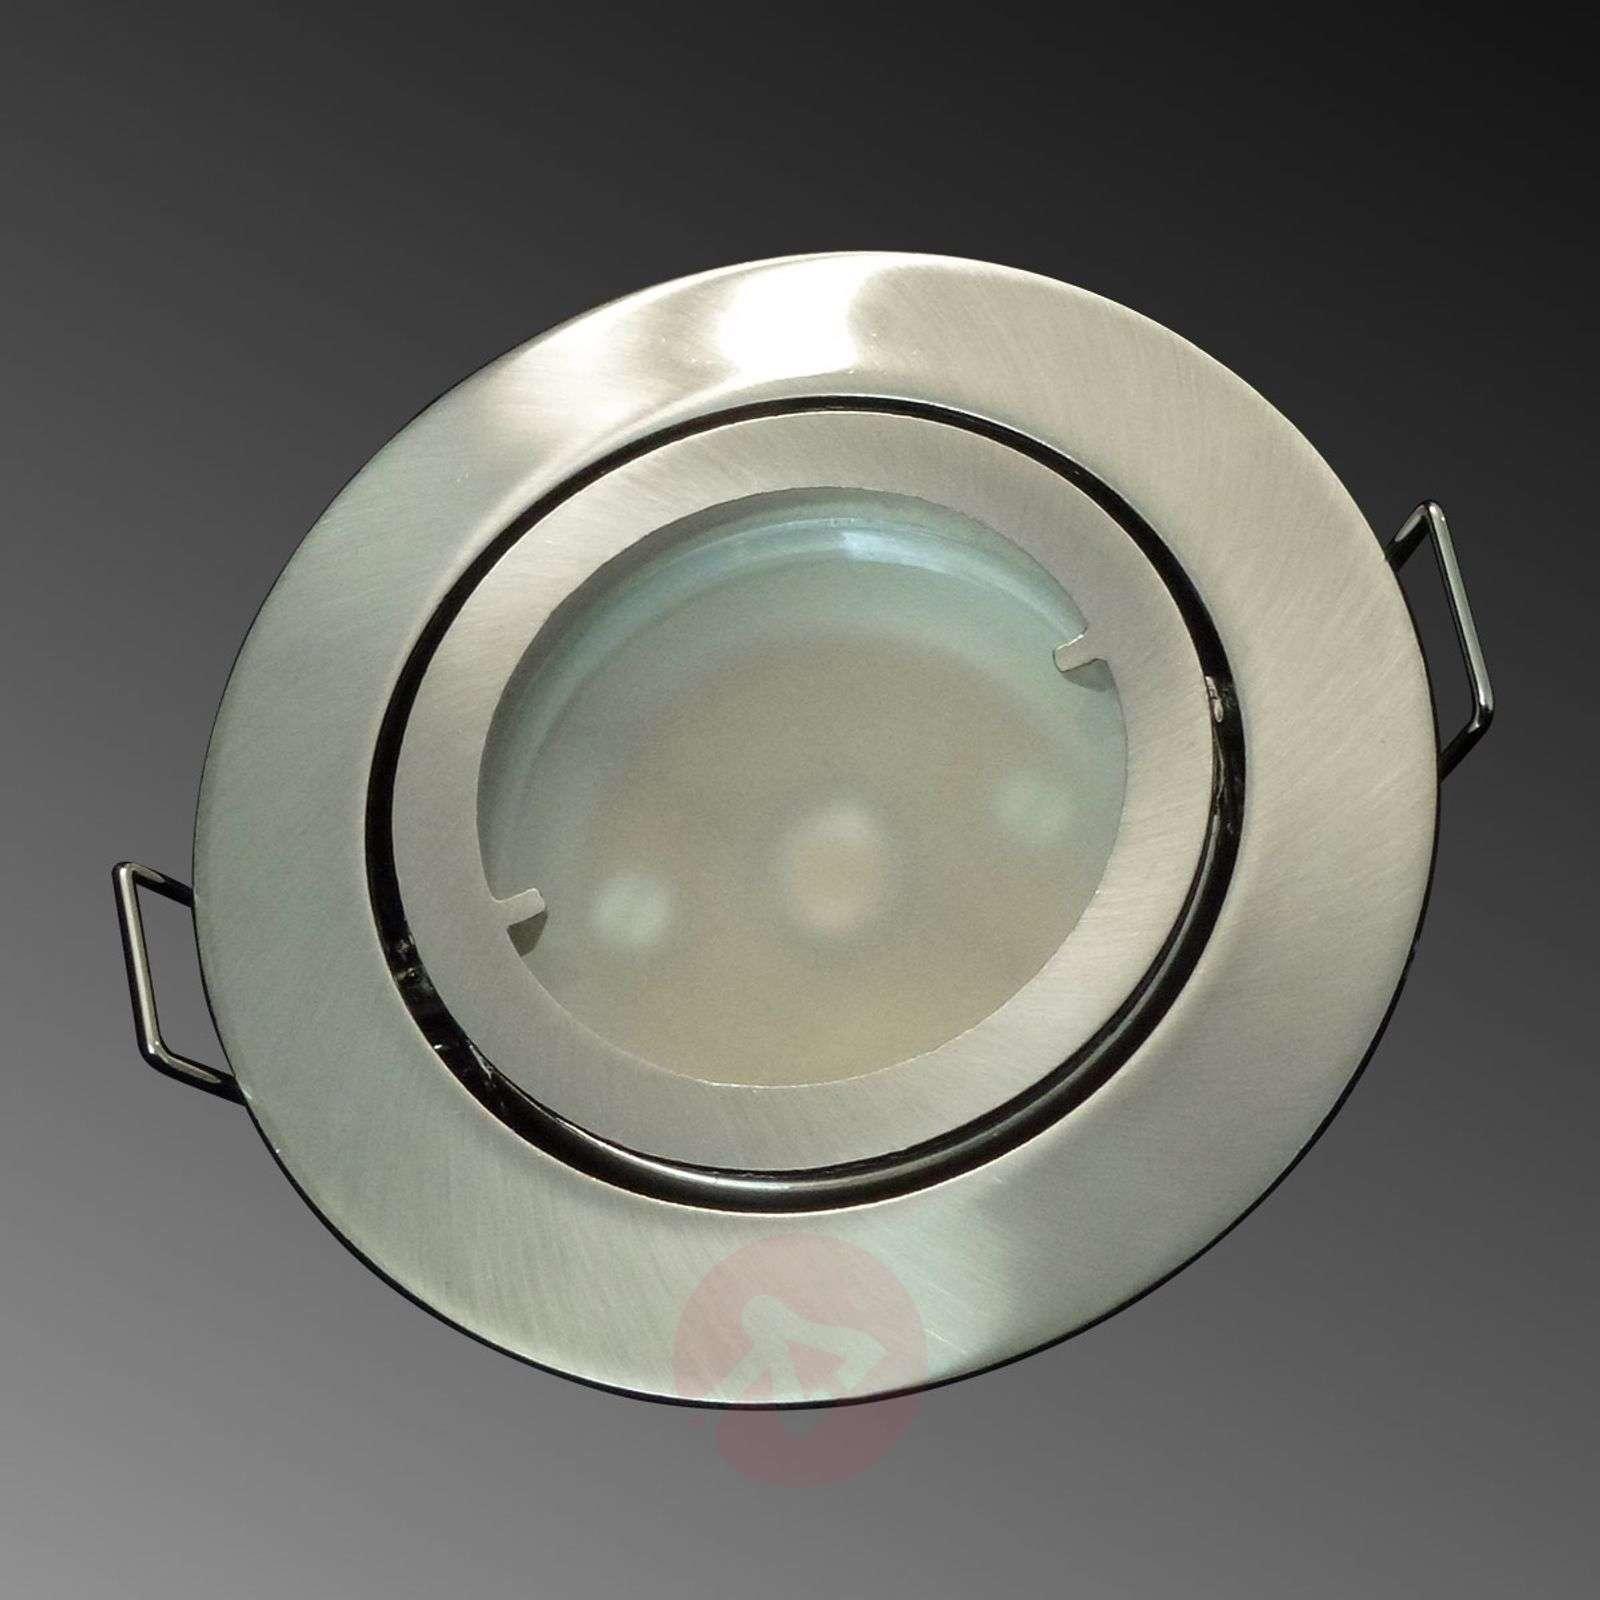 Moderni LED-uppovalaisin 5 W, rauta-1524019-01